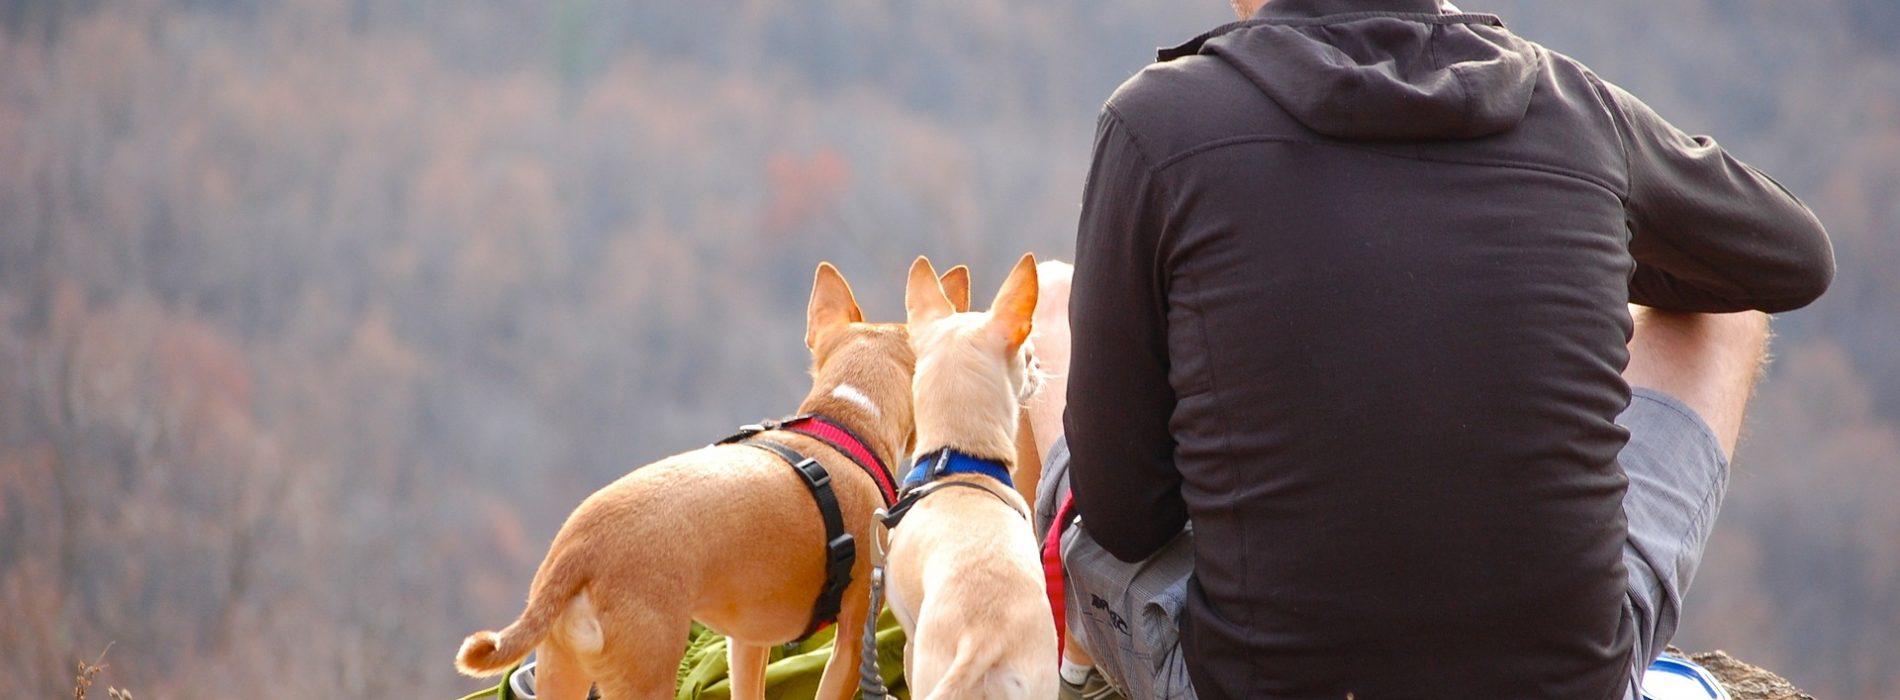 ¿Vas a viajar con tu mascota? Apunta nuestros consejos